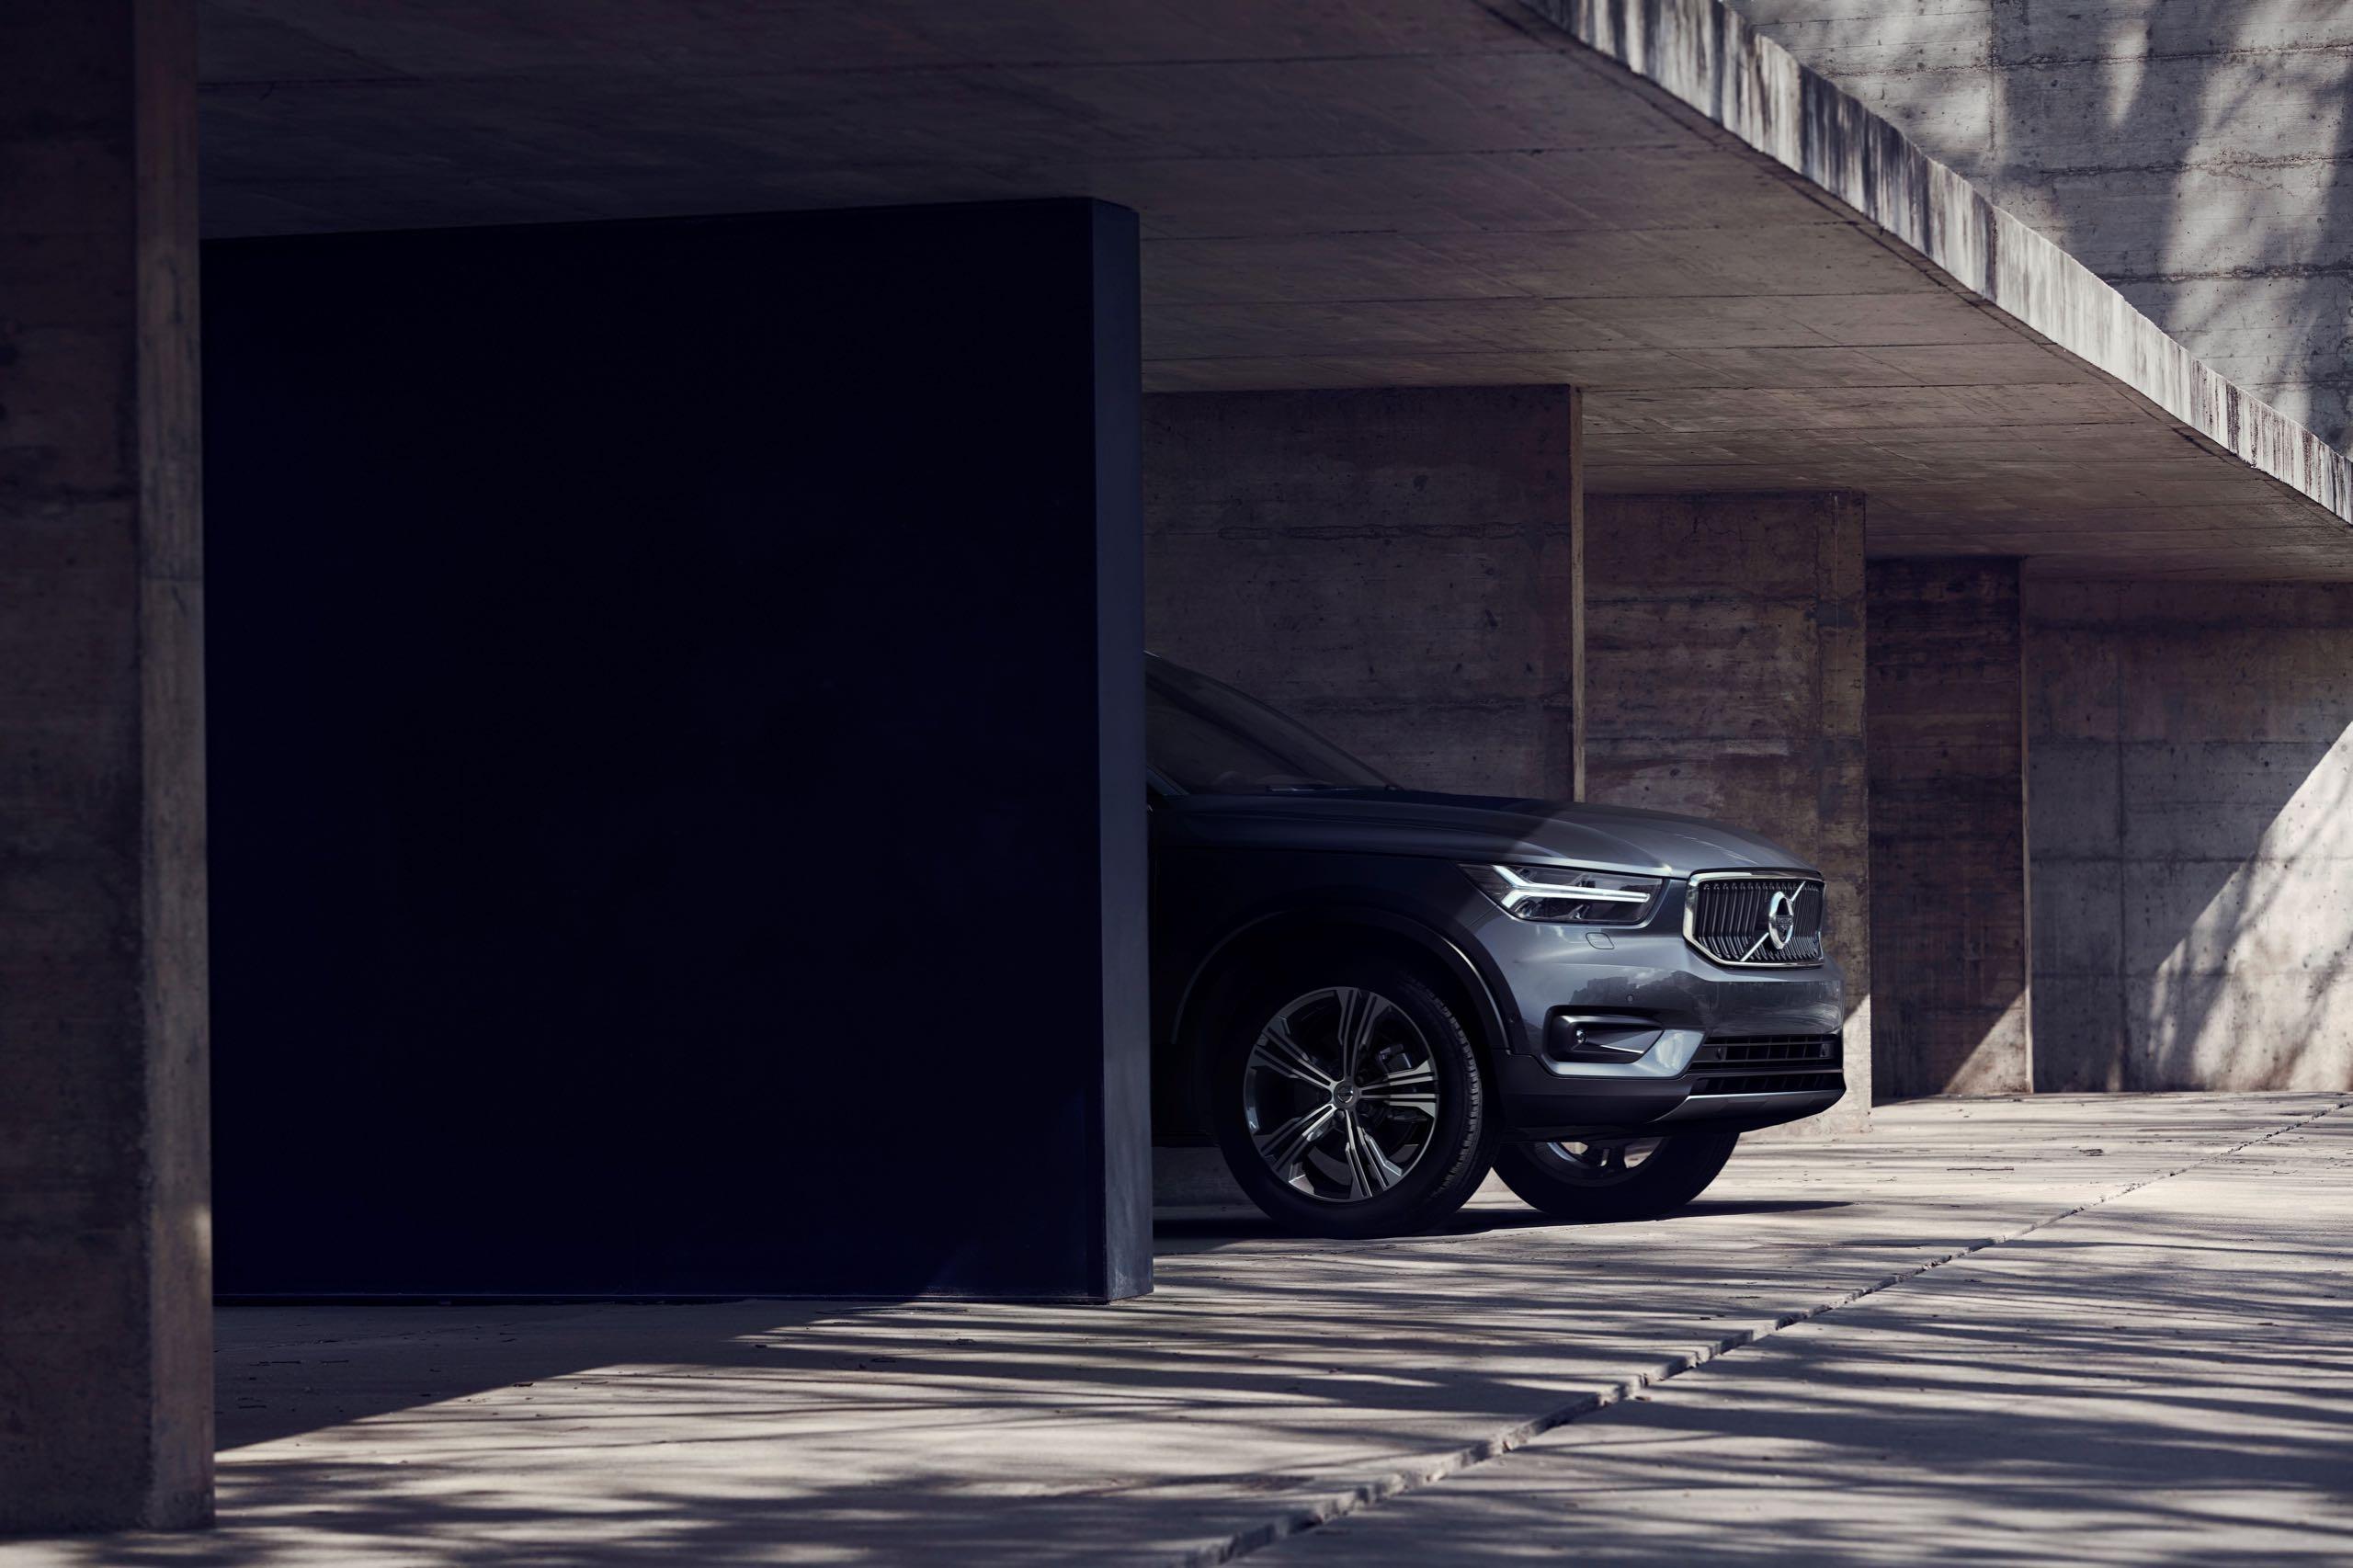 New Volvo XC40 Exterior -  2018, 2018 New XC40, Design, Exterior, Images, New XC40